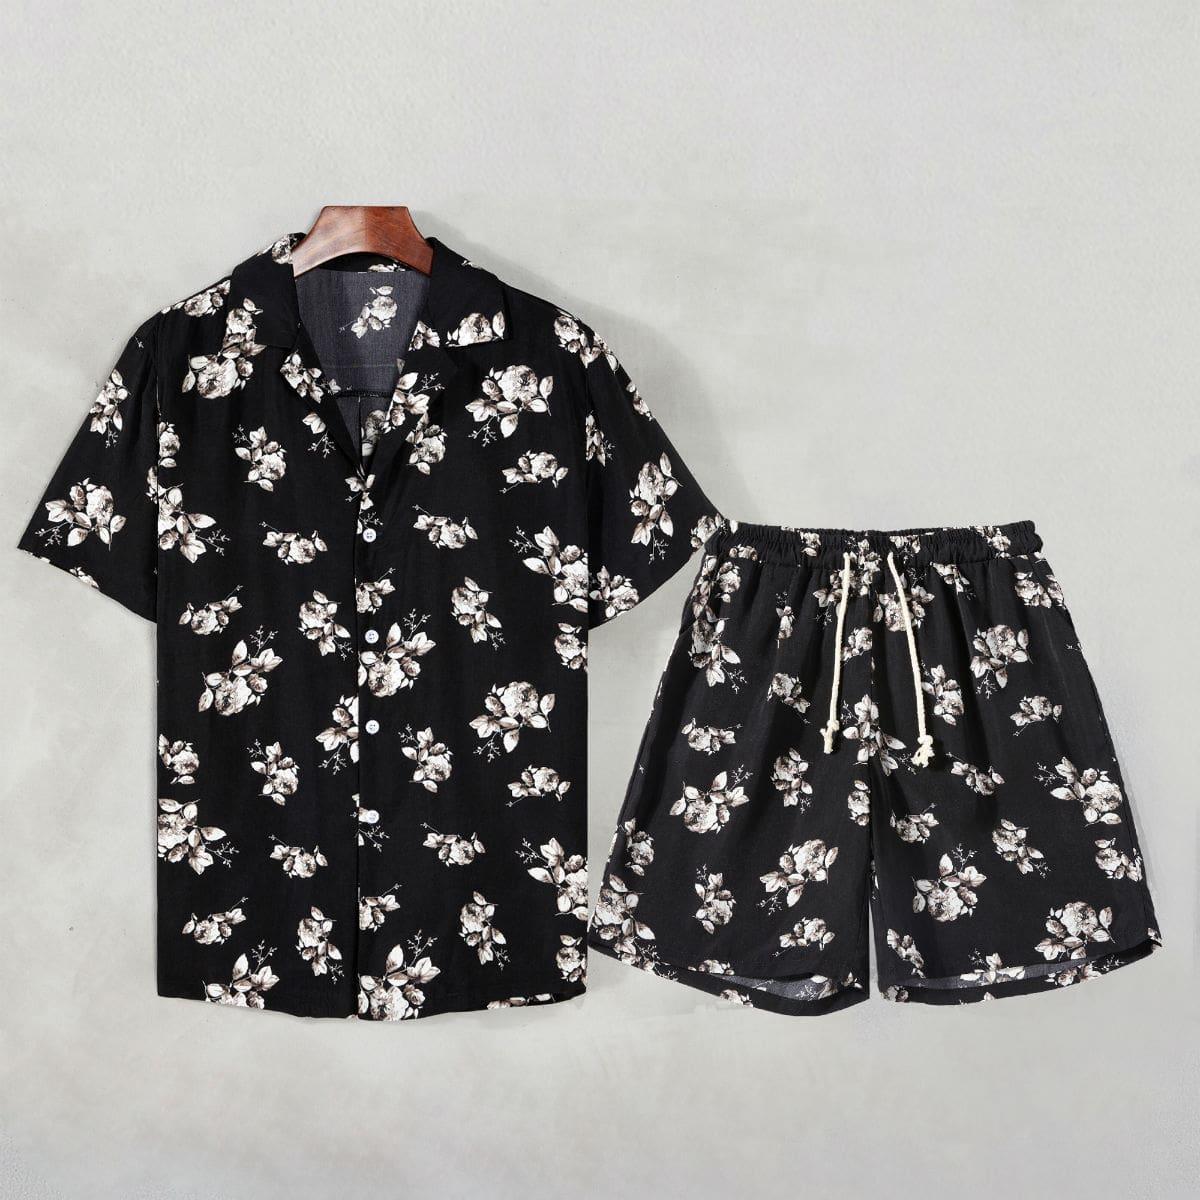 Мужская рубашка и шорты на кулиске с цветочным принтом по цене 1 690